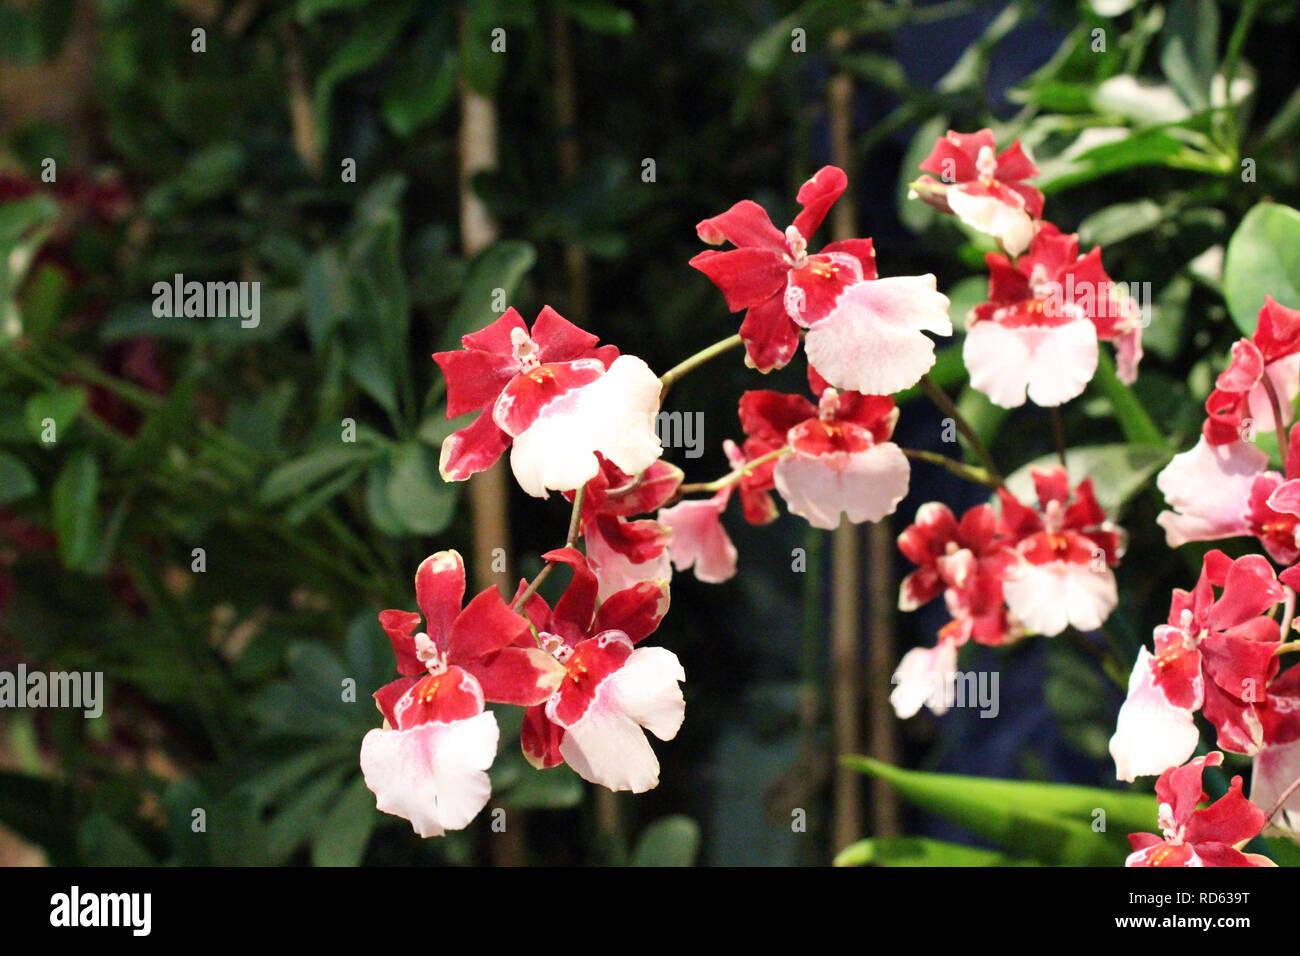 Un Ramo De Flores Rojas Y Blancas Orquideas Oncidium Foto Imagen